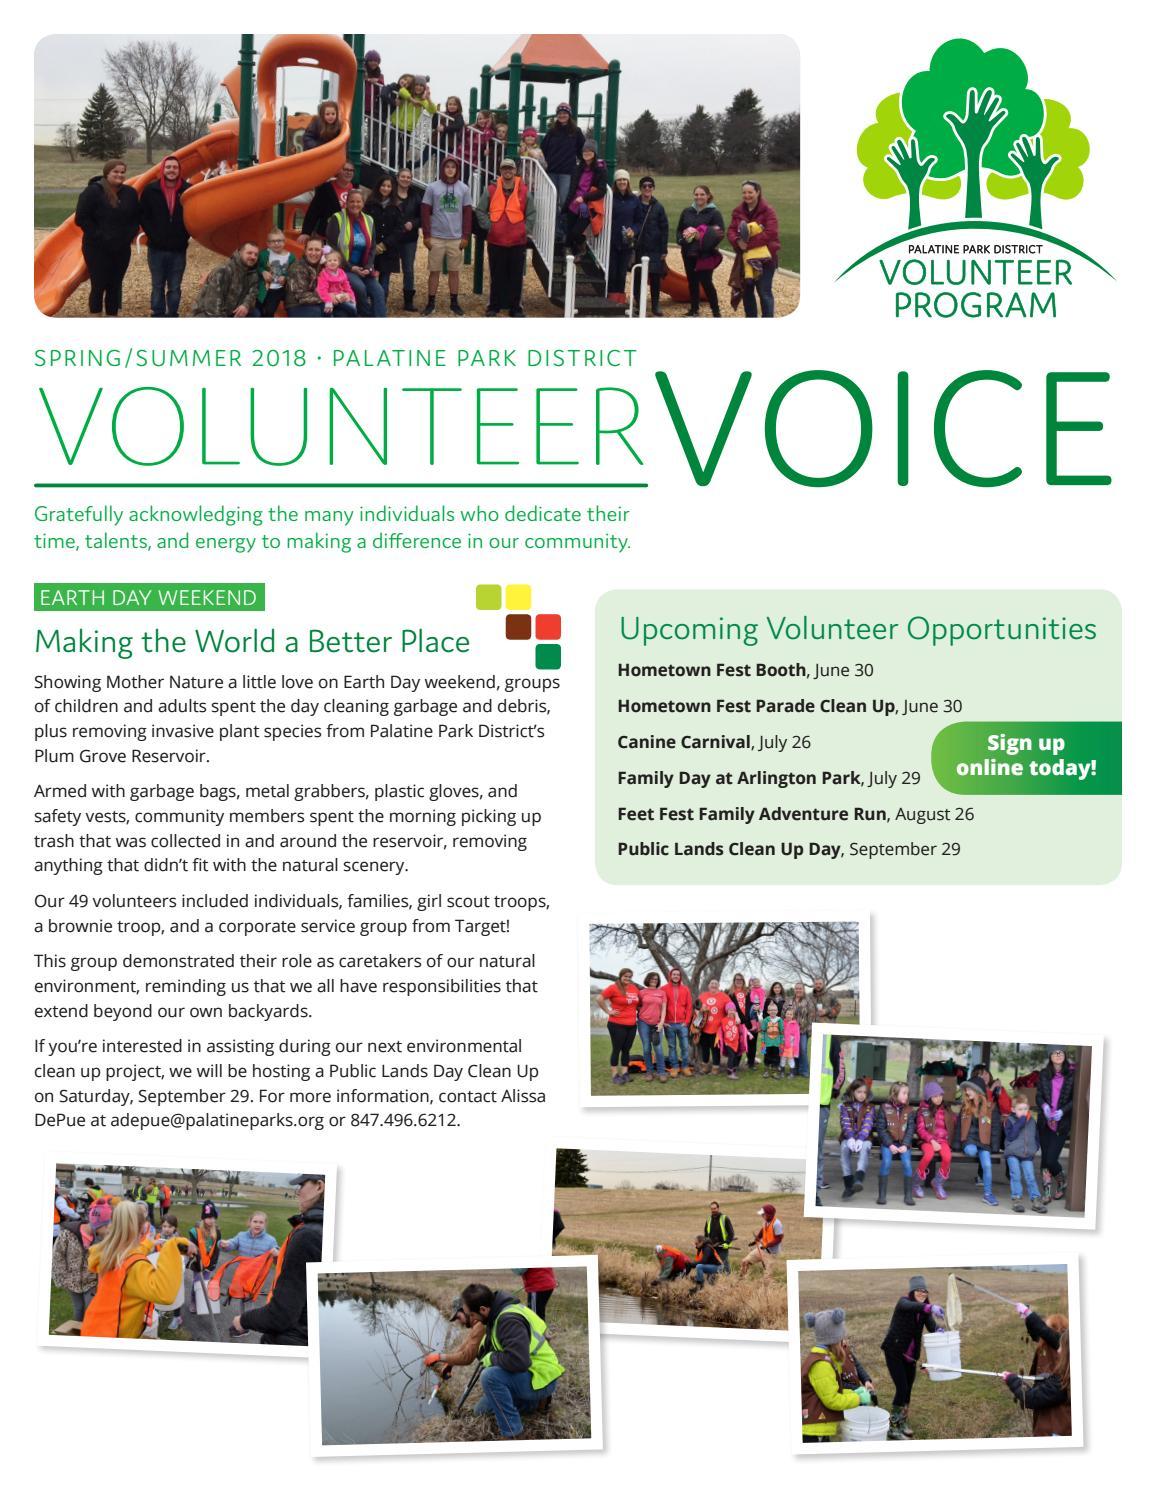 Palatine Park District | Volunteer Voice Newsletter (Spring/Summer